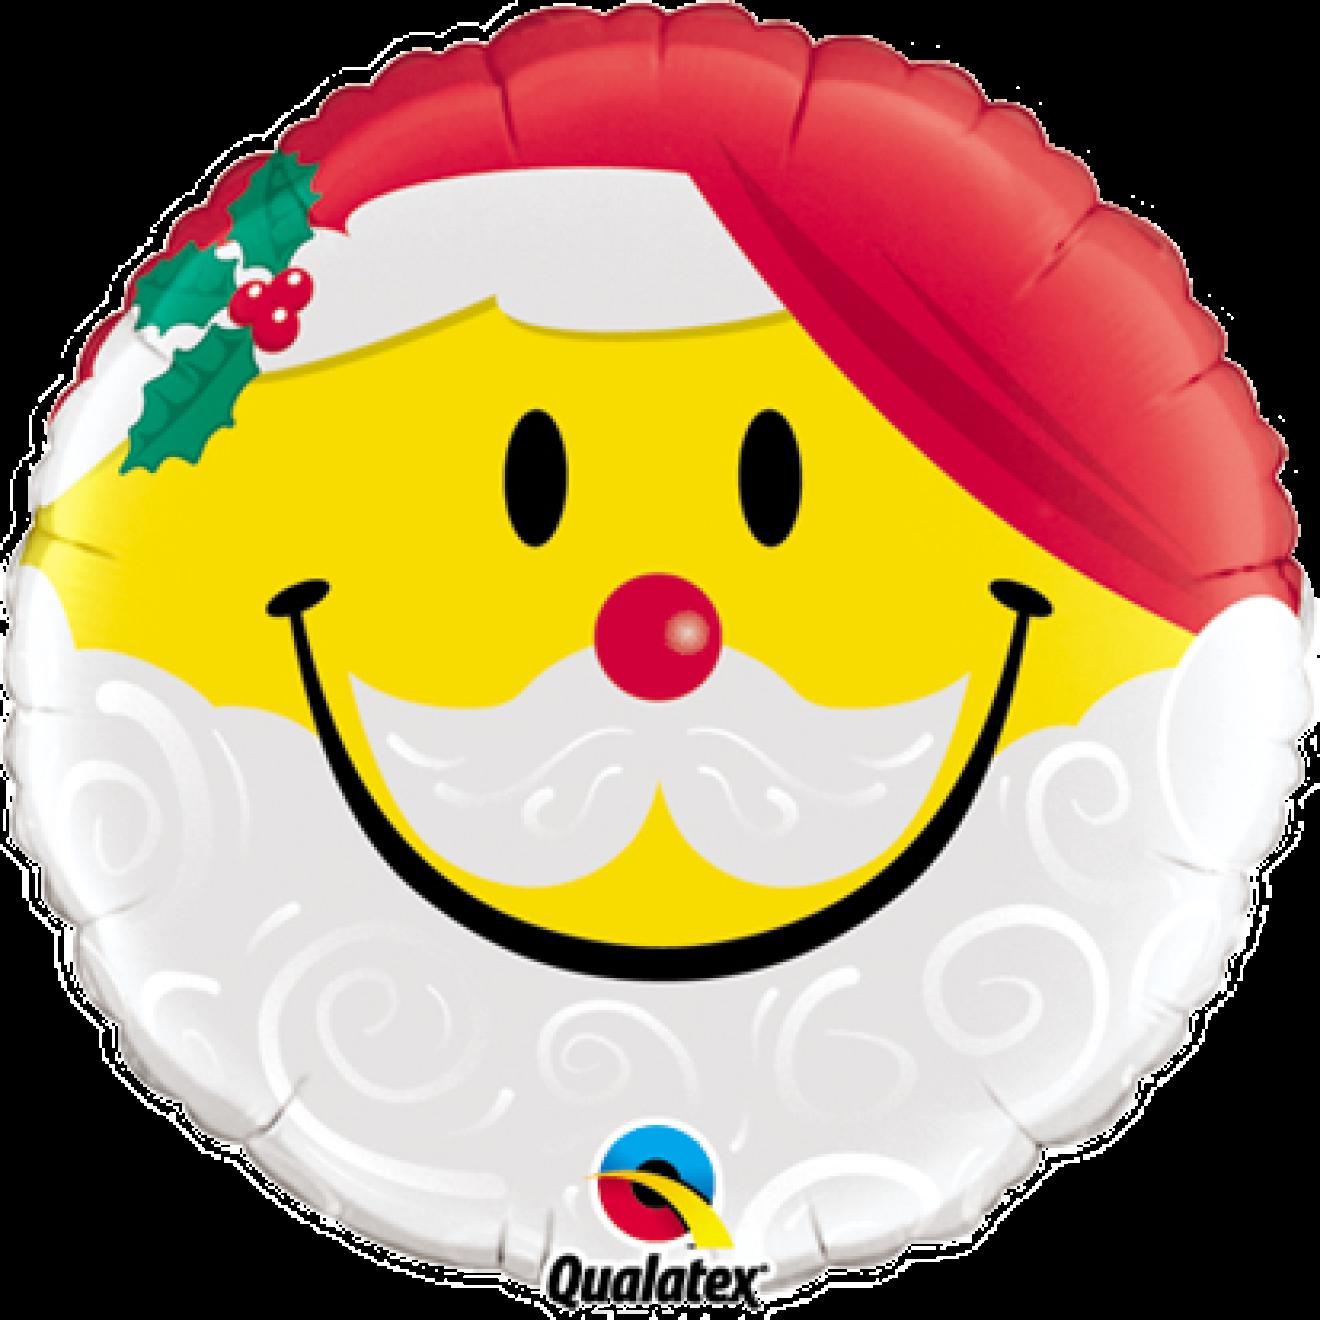 Ballonpost Weihnachten: Smiley - Weihnachtsmann